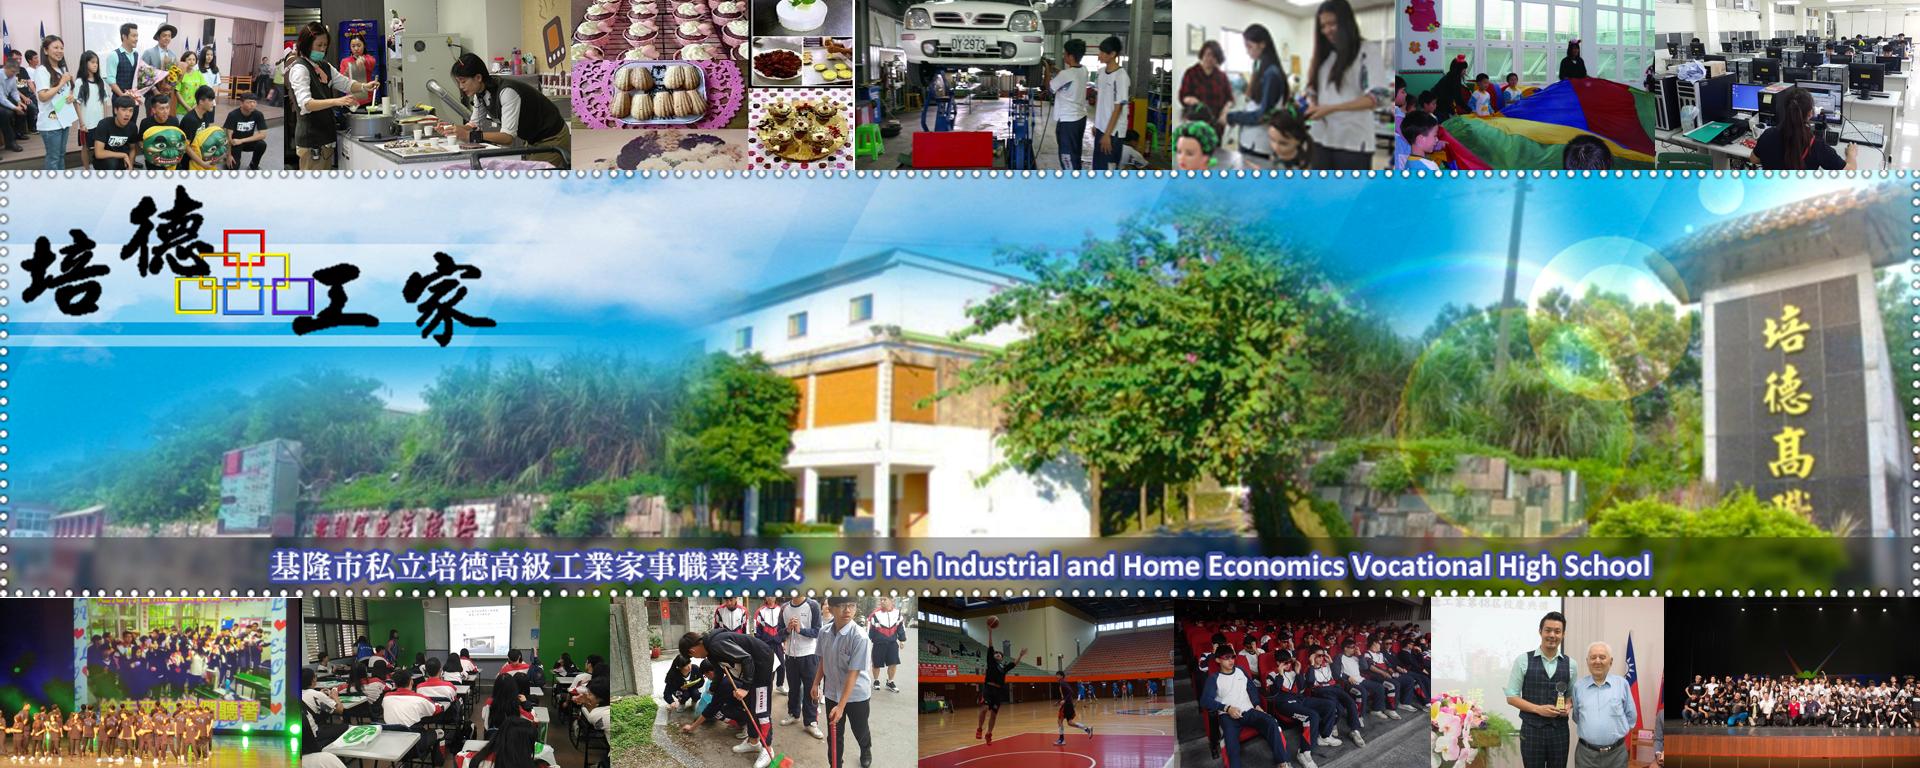 私立培德工業家事職業學校